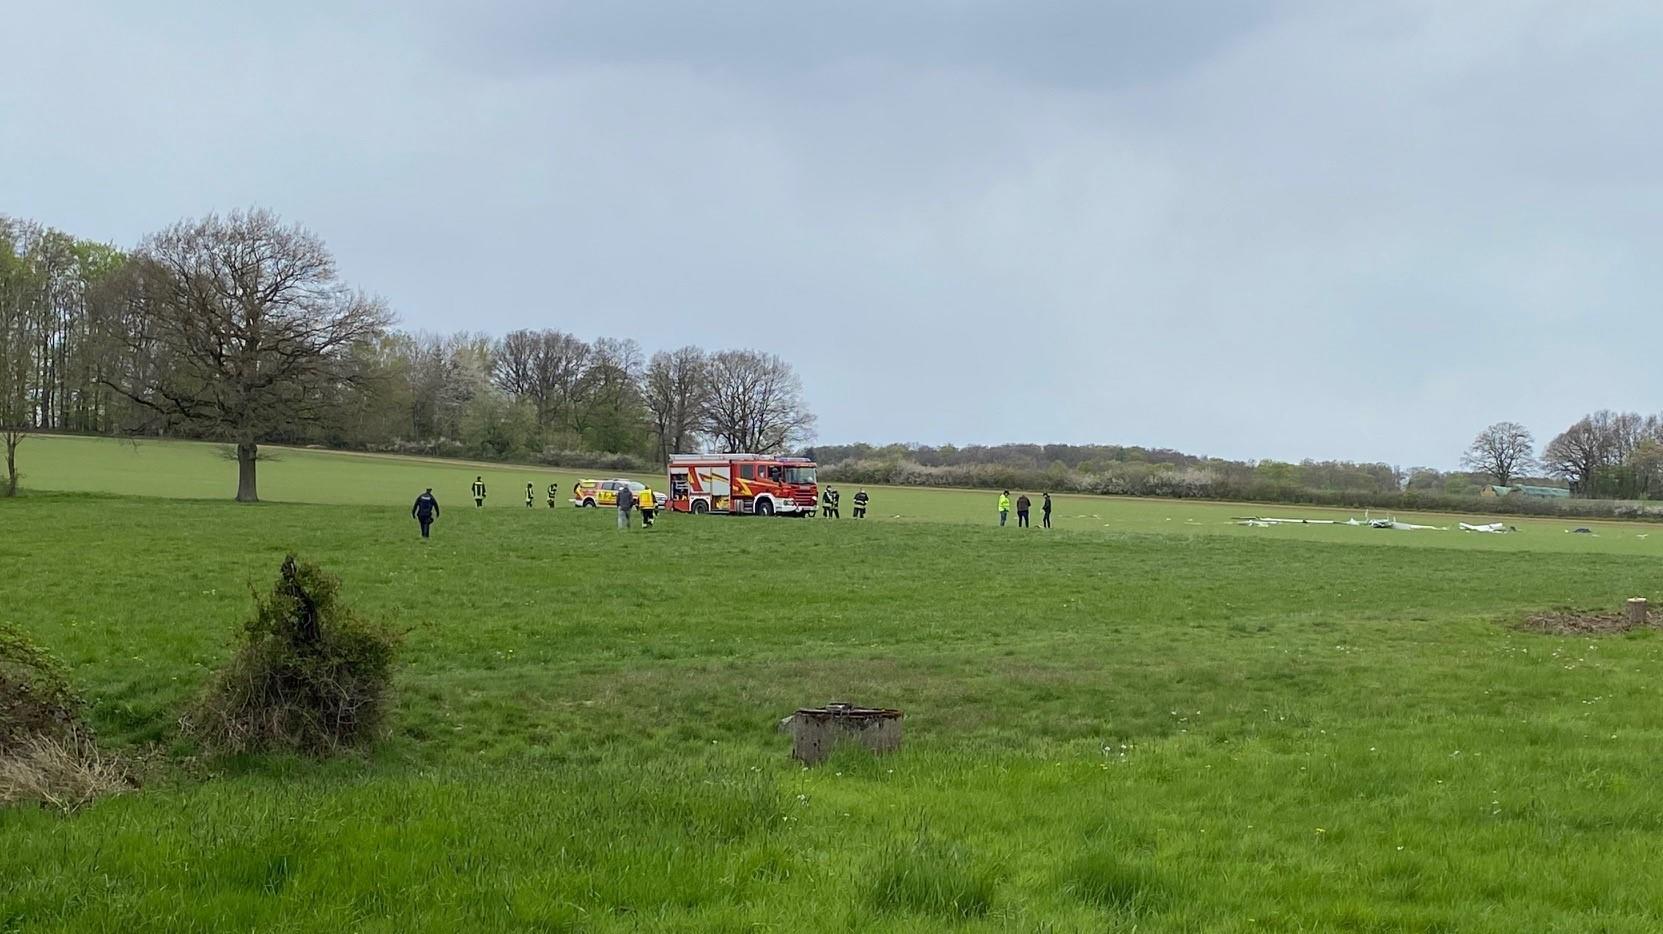 Beim Absturz eines Segelfliegers ist ein Pilot in Horn-Bad Meinberg (Kreis Lippe) tödlich verunglückt.